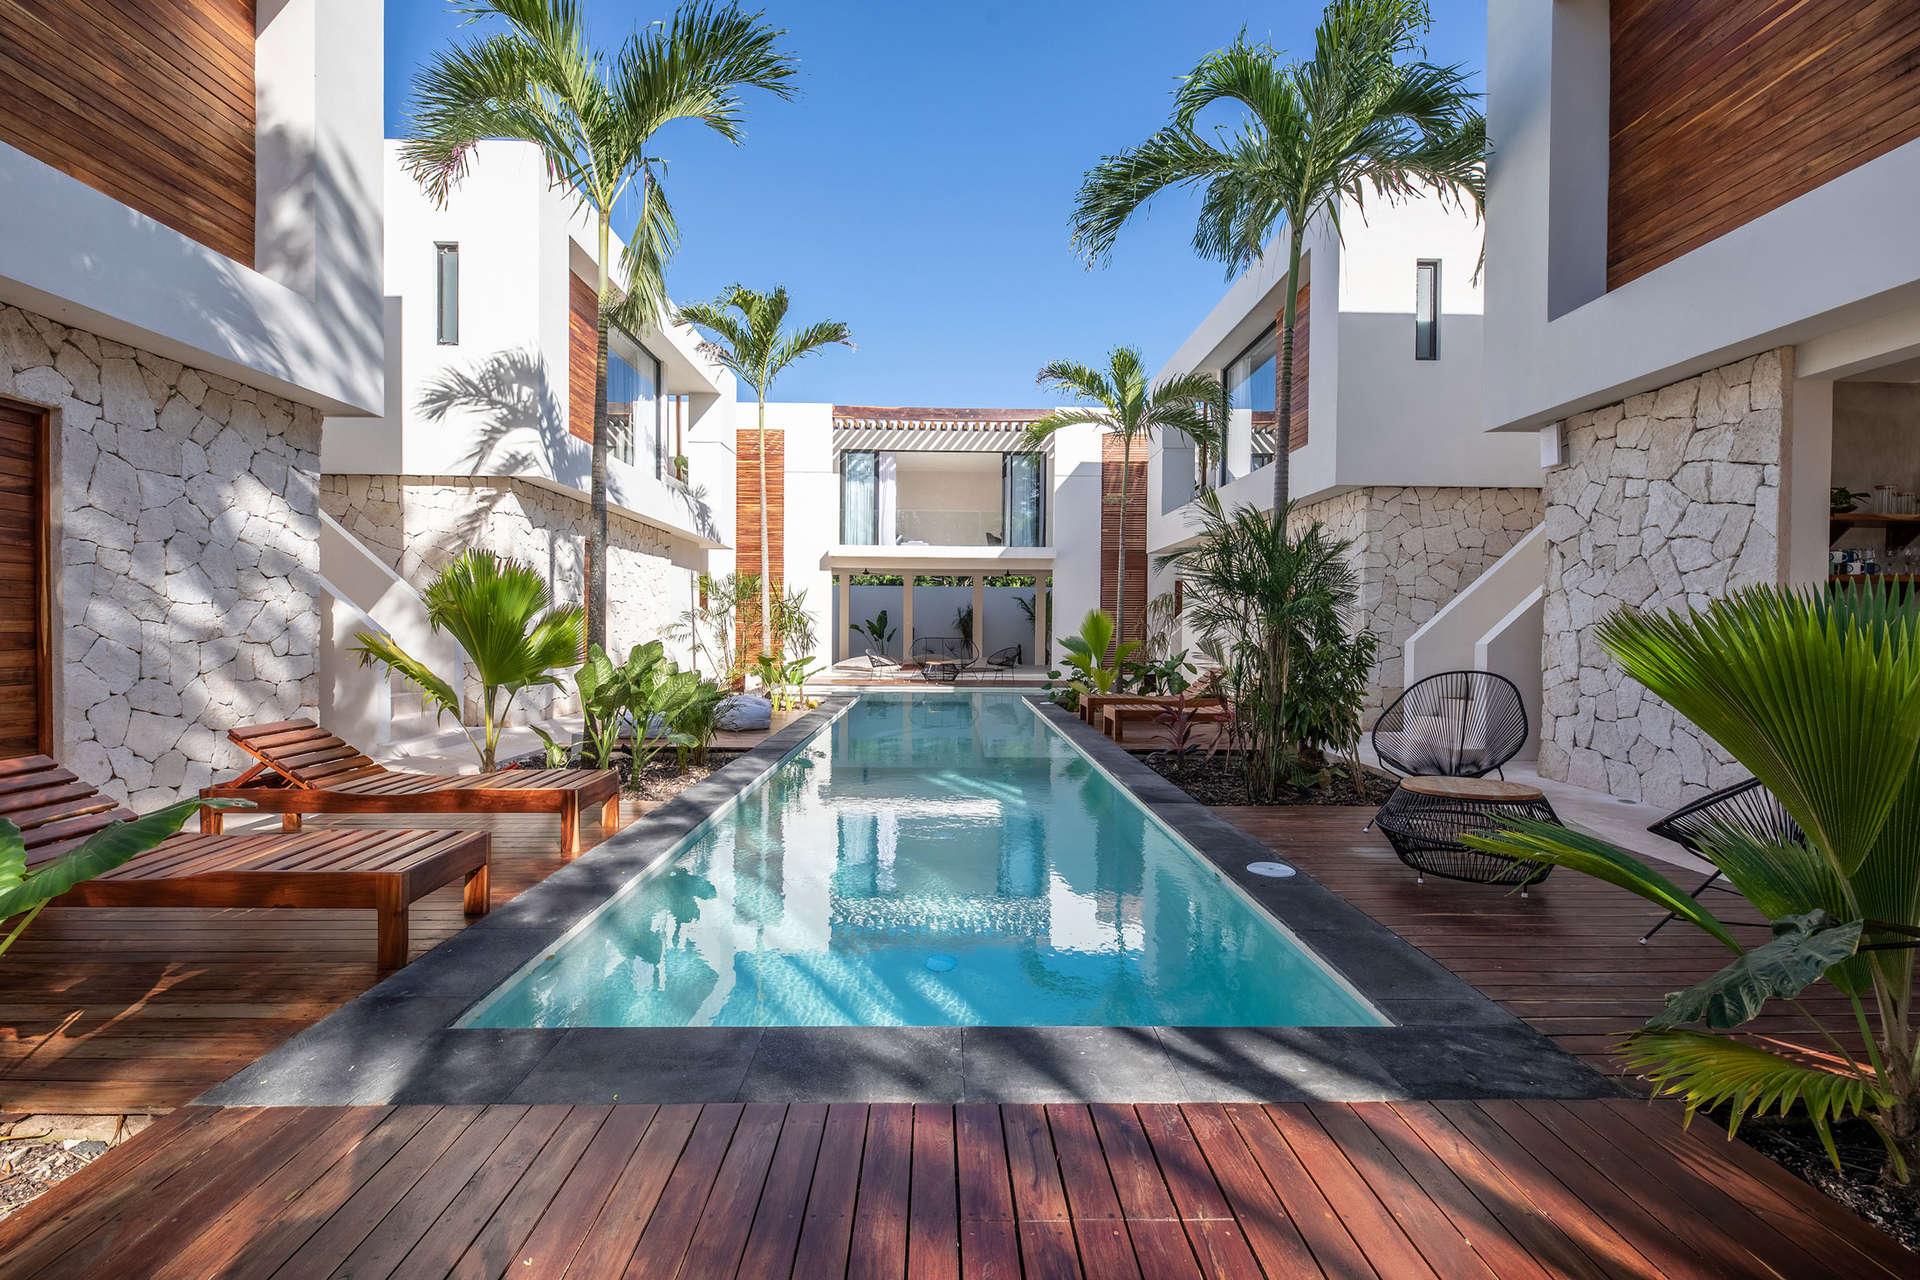 Luxury vacation rentals mexico - Riviera maya - Tulum - No location 4 - Hacienda 21 - Image 1/28